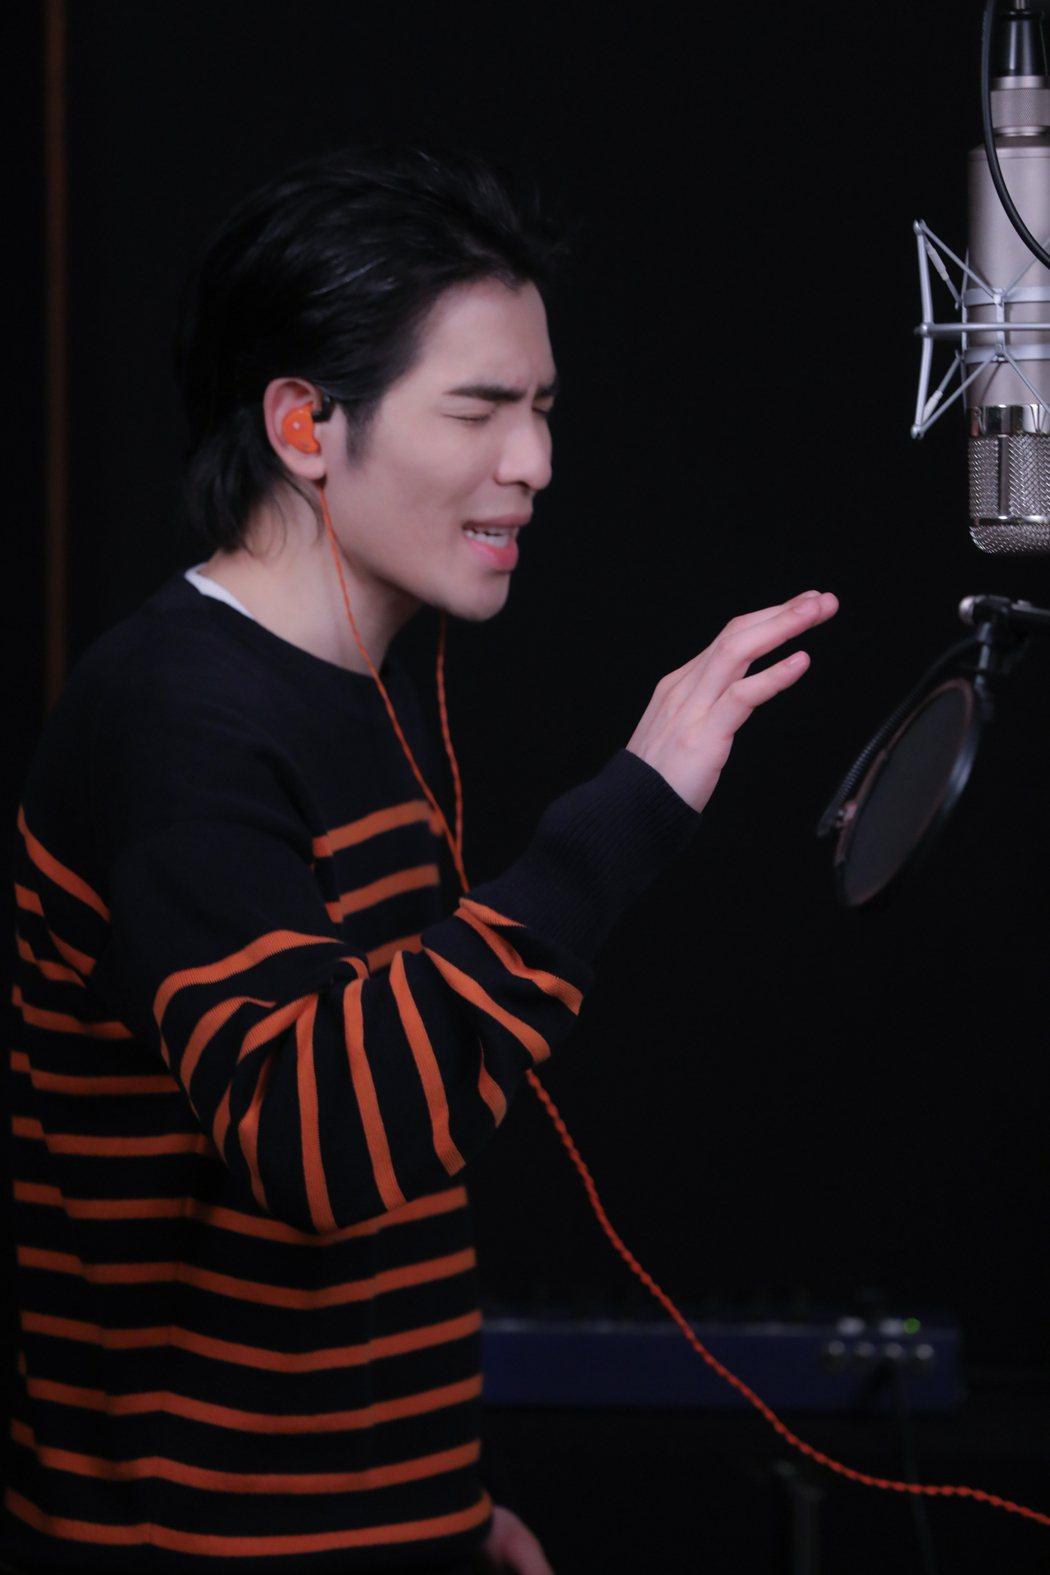 蕭敬騰演唱楊麗花歌仔戲「忠孝節義」第二單元主題曲「孝感動天」。圖/麗生百合提供